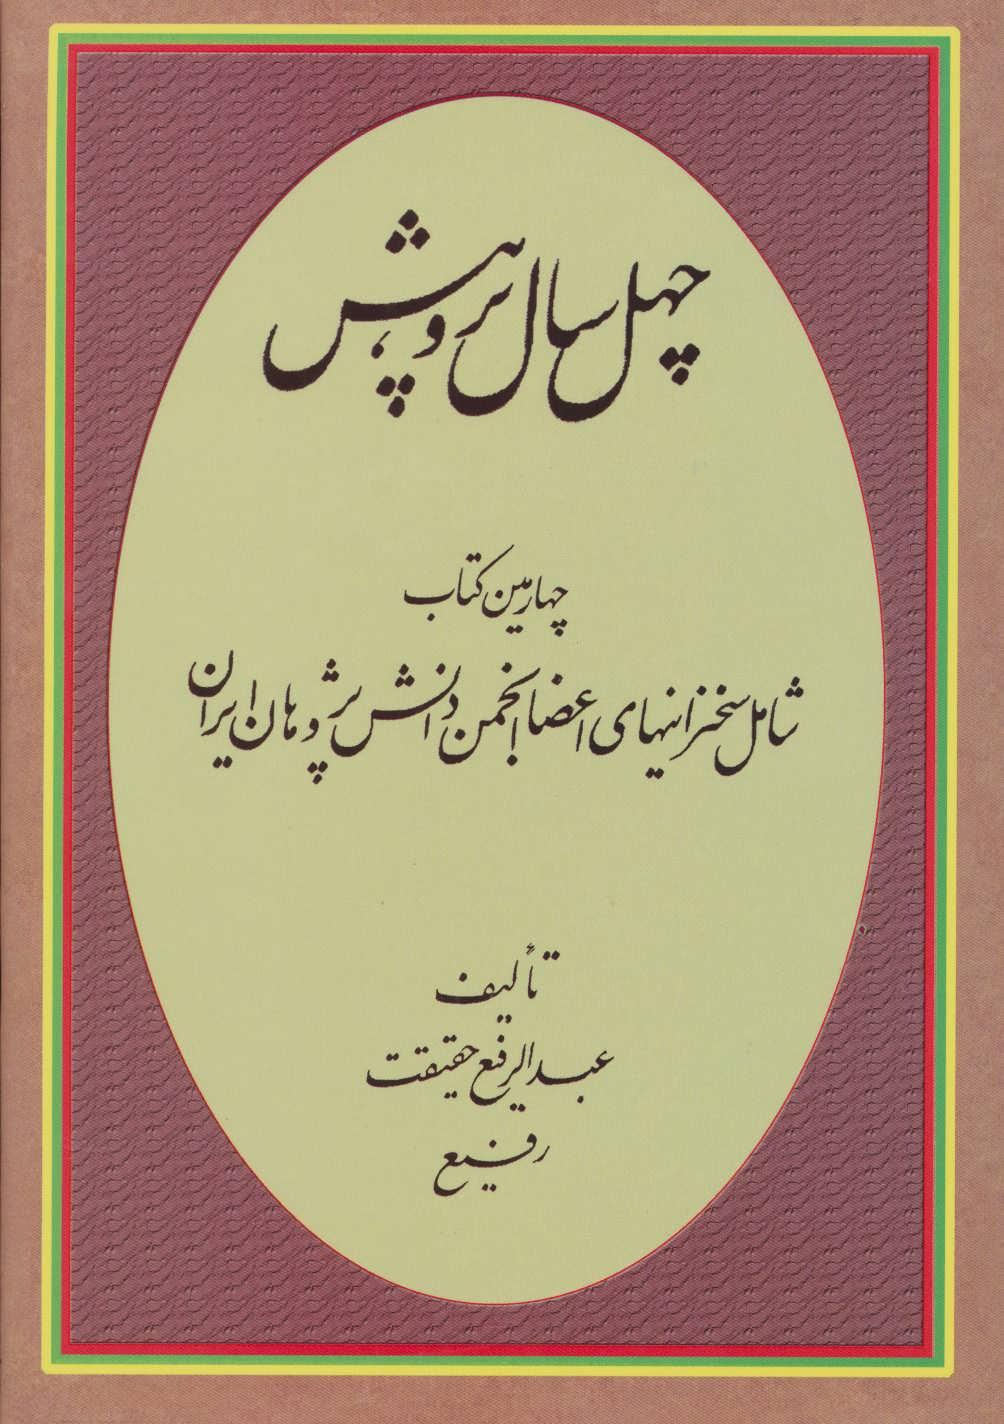 چهل سال پژوهش (چهارمین کتاب شامل سخنرانیهای اعضا انجمن دانش پژوهان ایران)